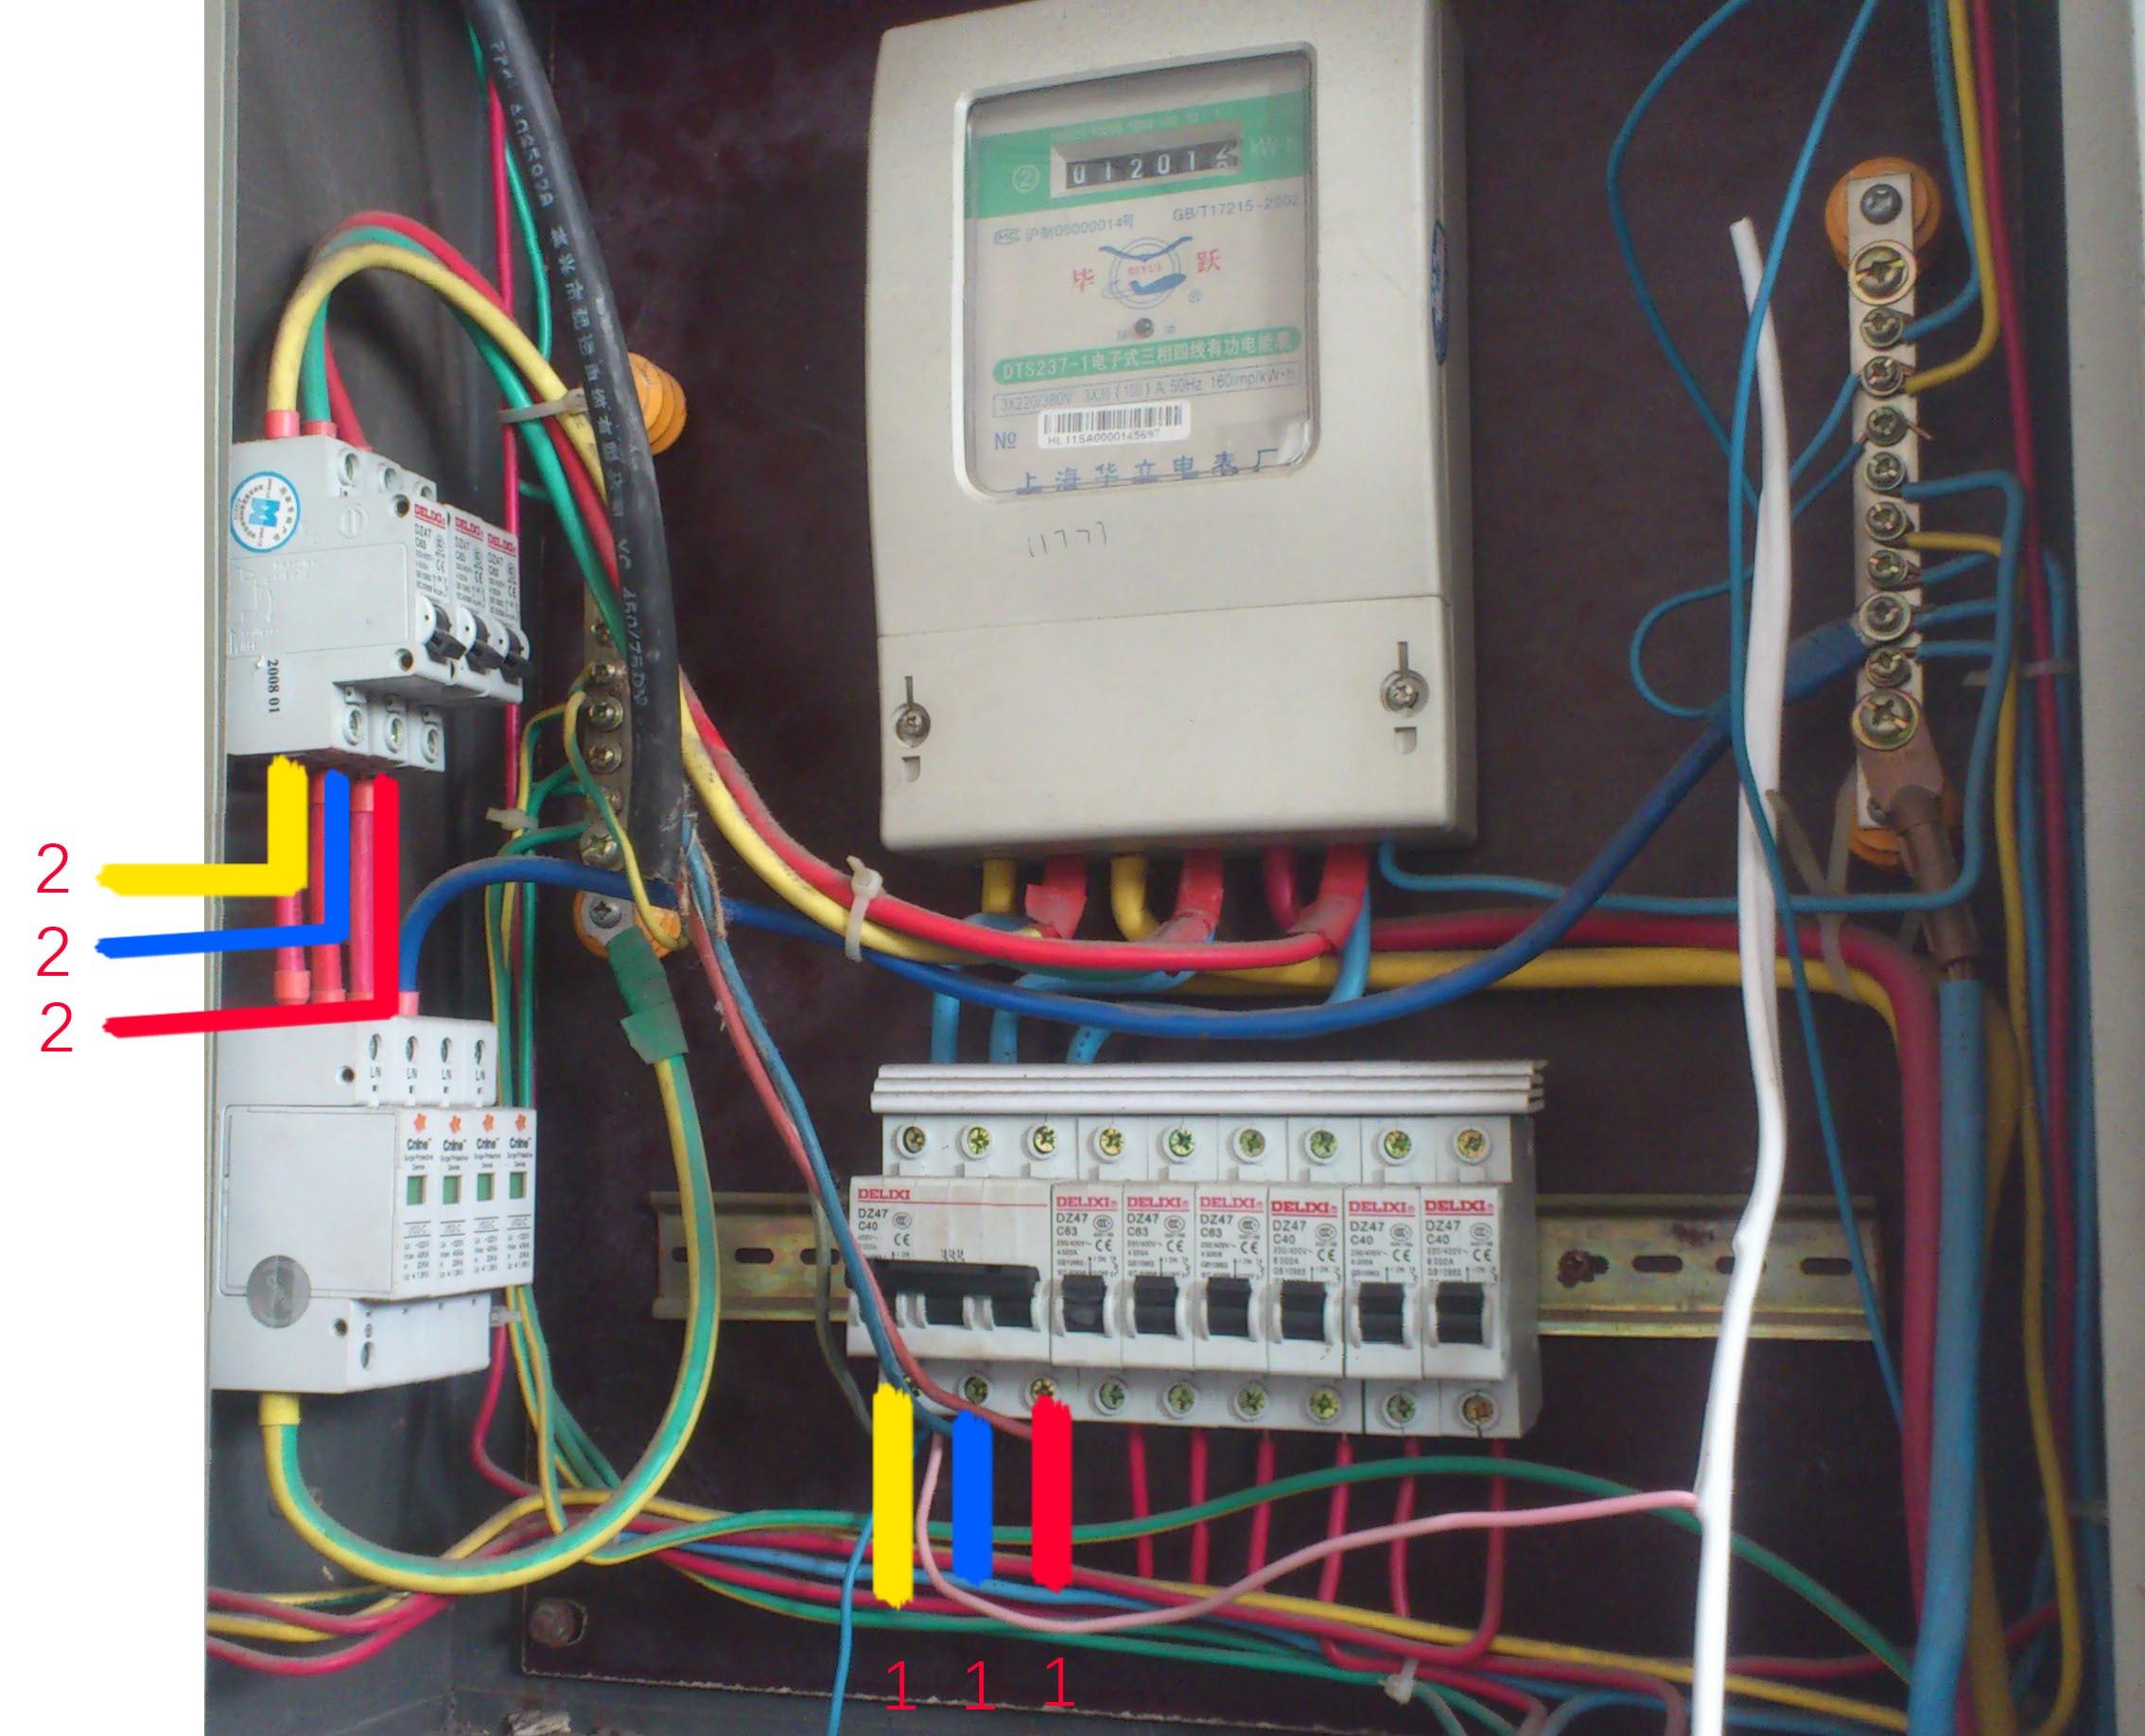 改�b�c���,y�9�c:(_三相四线电表 b,c相电流出线接反后 错误电量如何计算